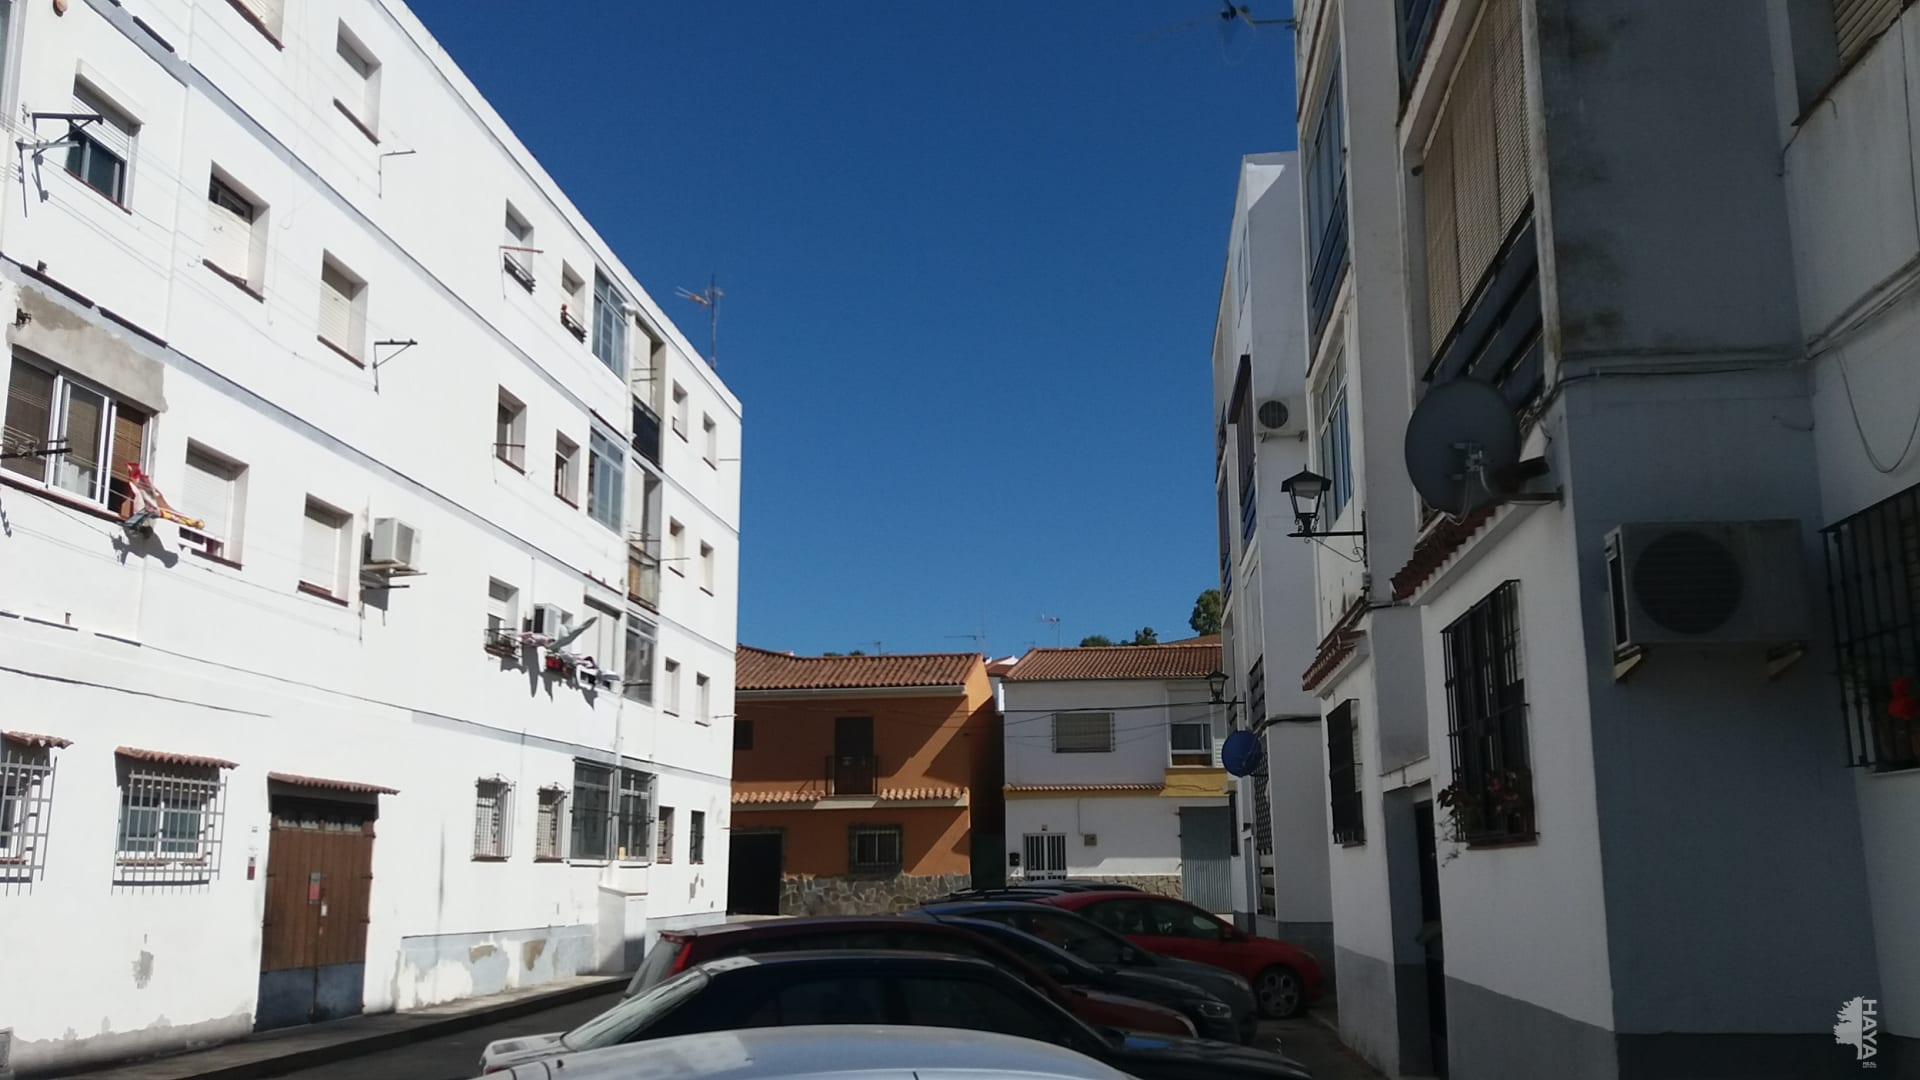 Piso en venta en Los Ángeles, Jimena de la Frontera, Cádiz, Calle los Chorros, 45.000 €, 3 habitaciones, 1 baño, 77 m2